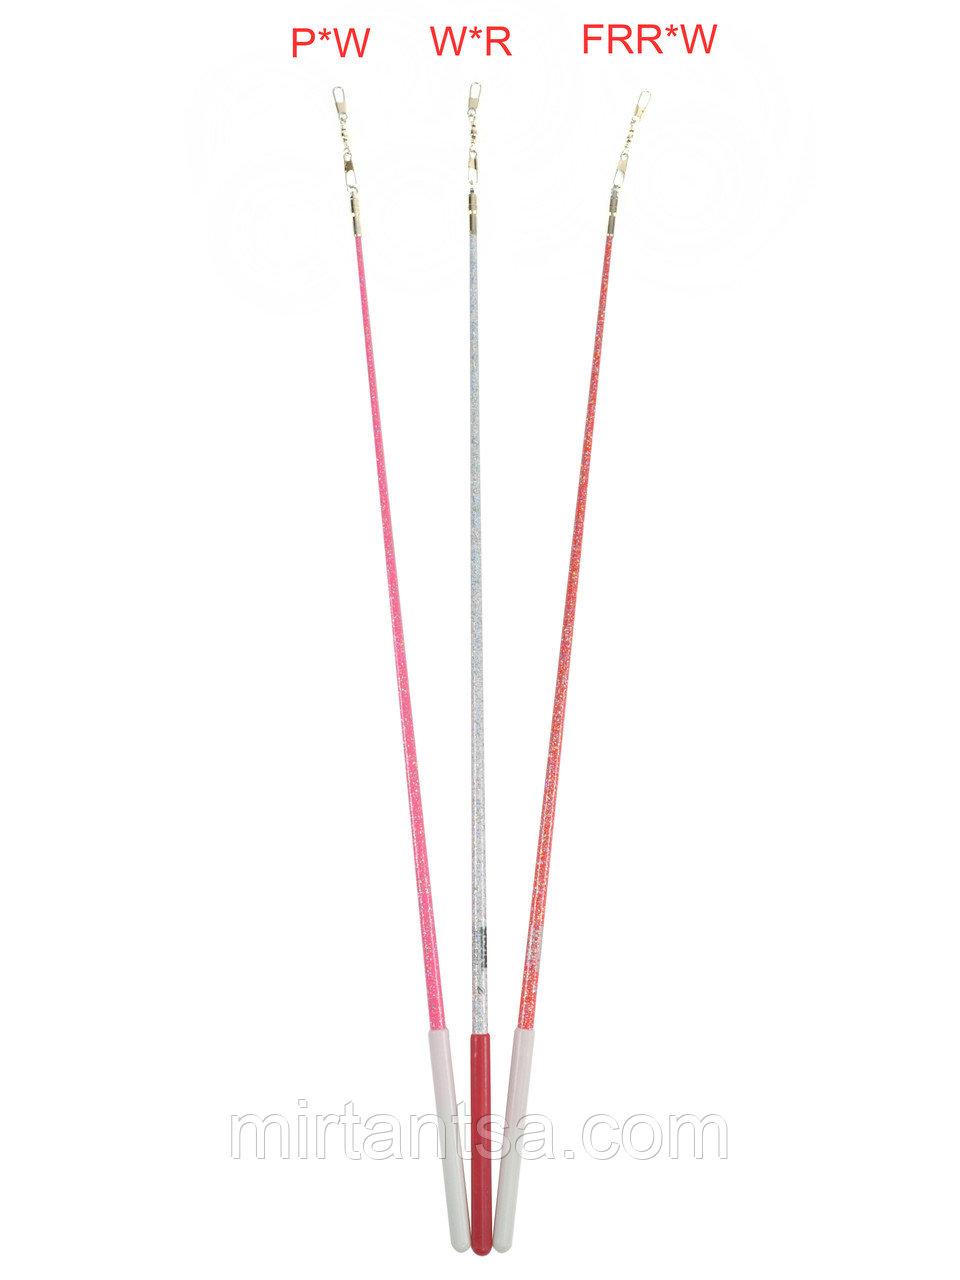 Юниорская голографическая блестящая палочка Sasaki МJ-82H 50 см.